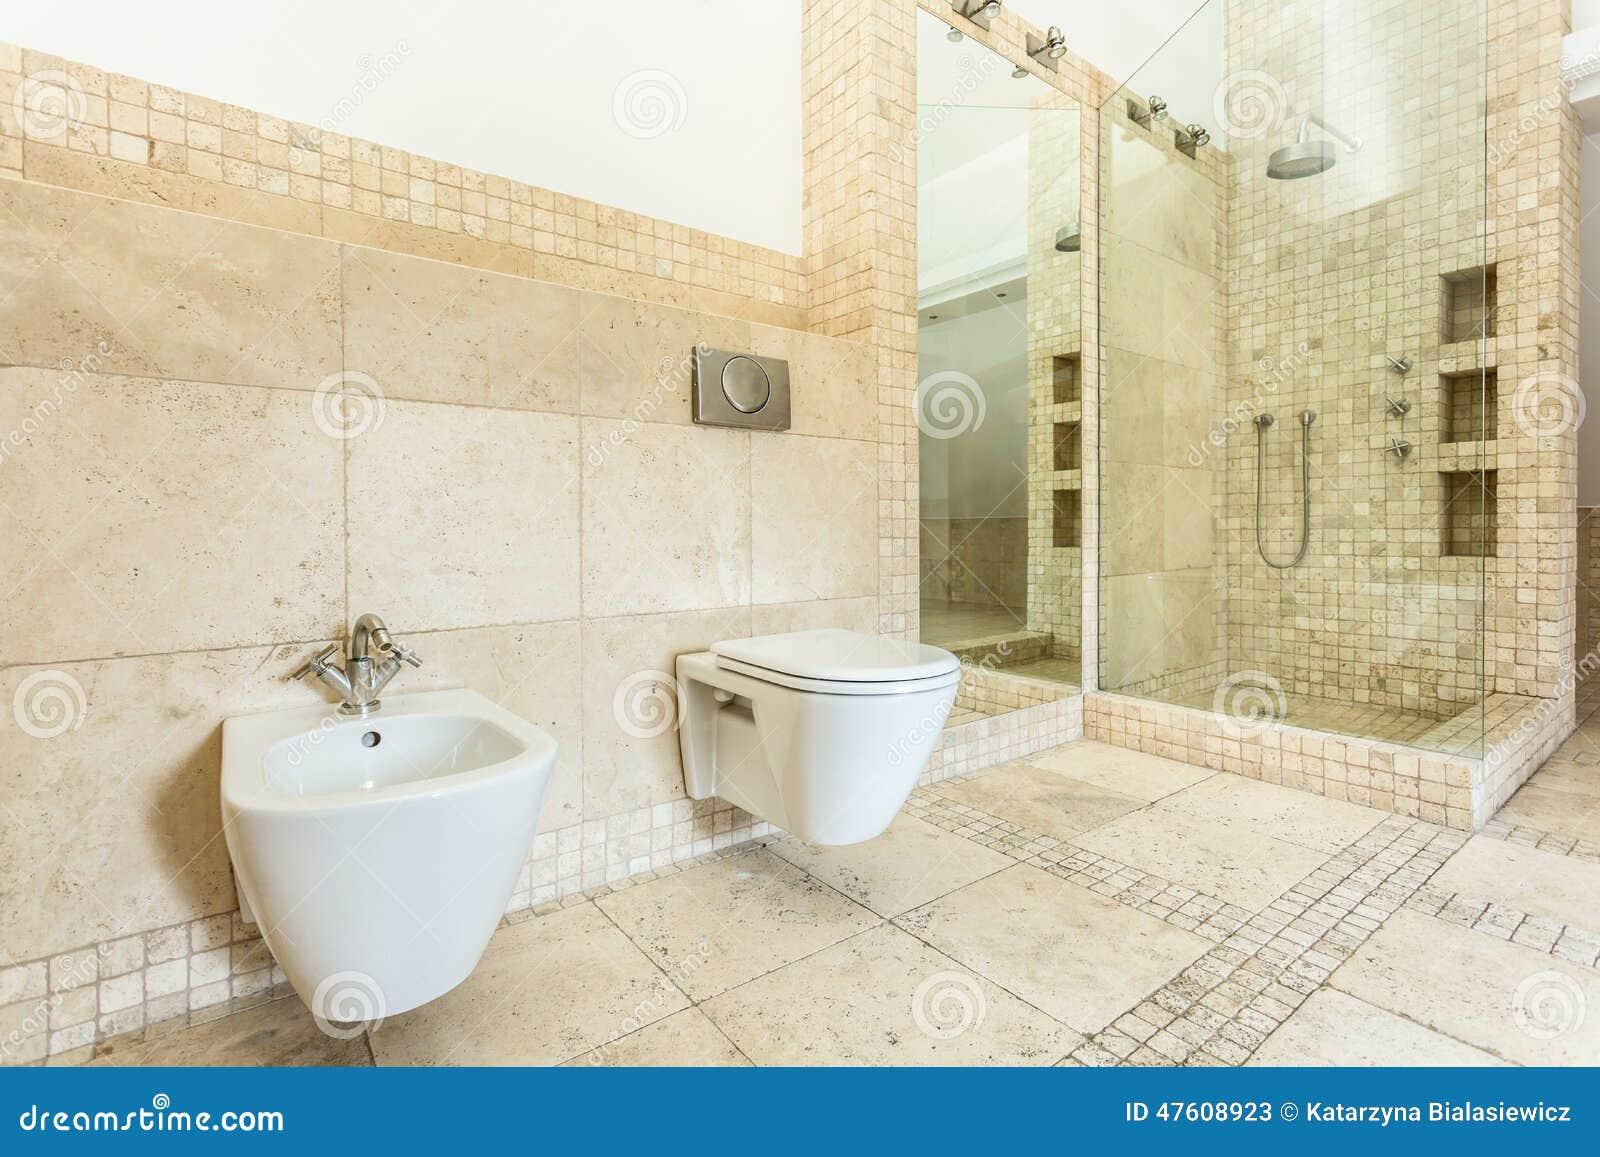 Wnętrze Beżowa łazienka Zdjęcie Stock - Obraz: 47608923